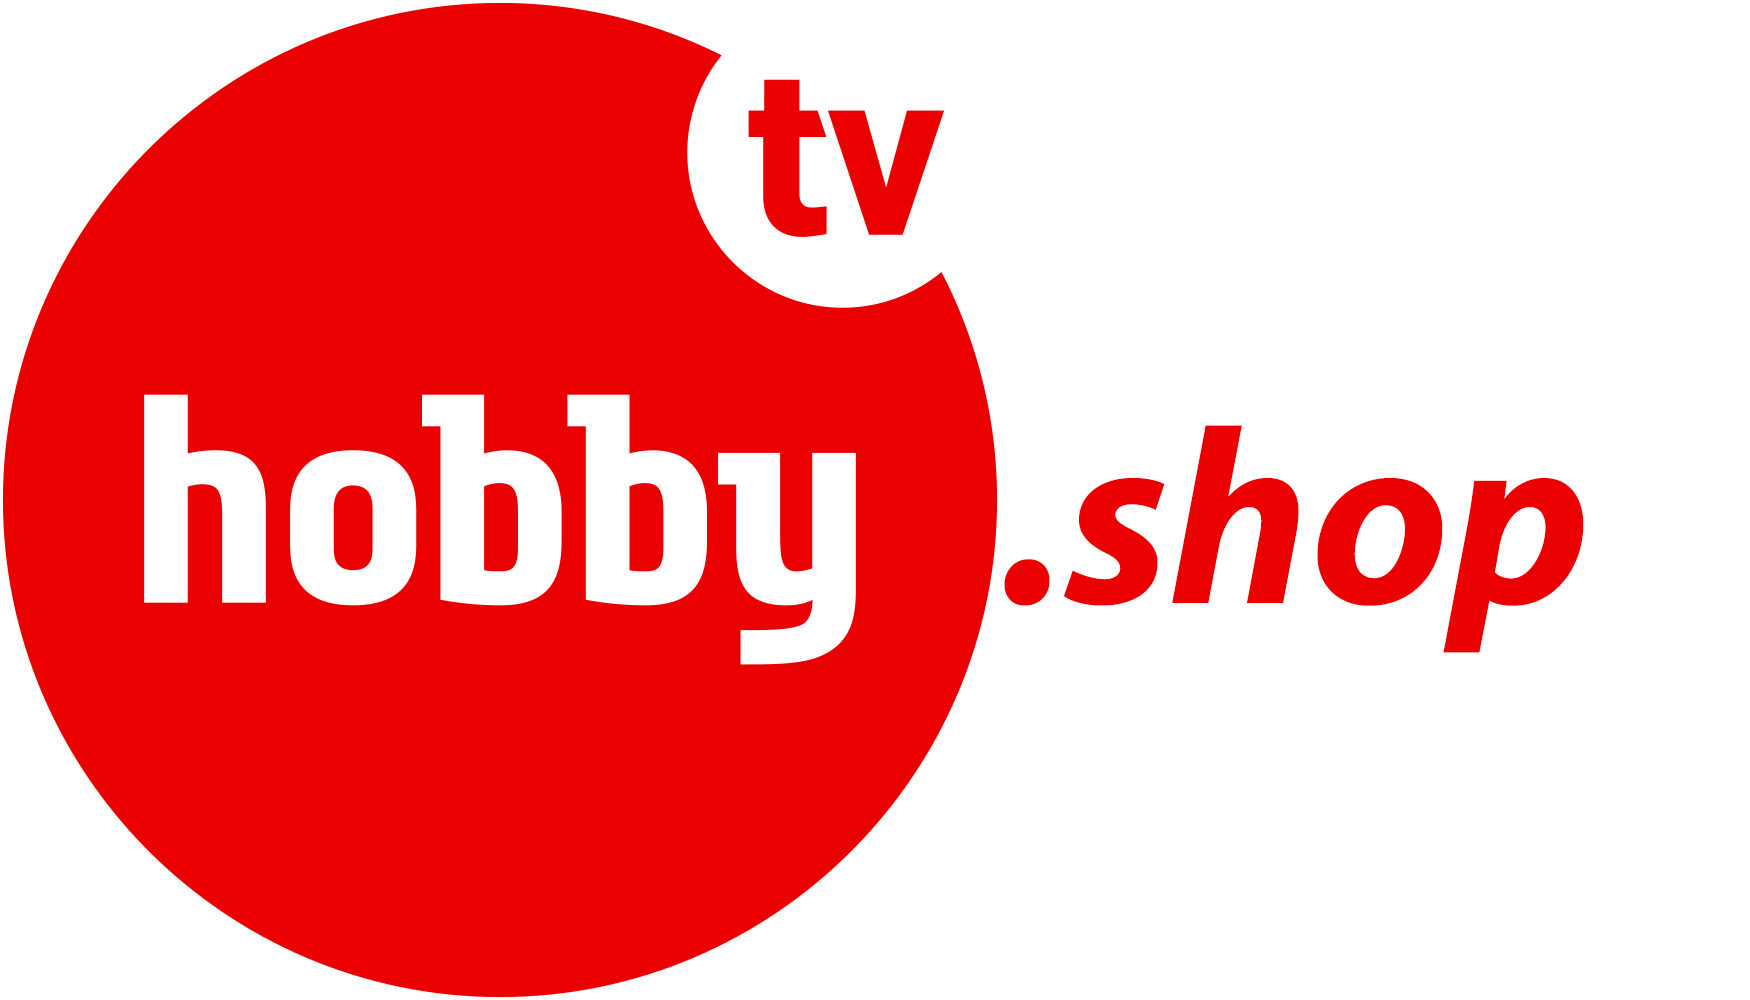 TVhobby.shop